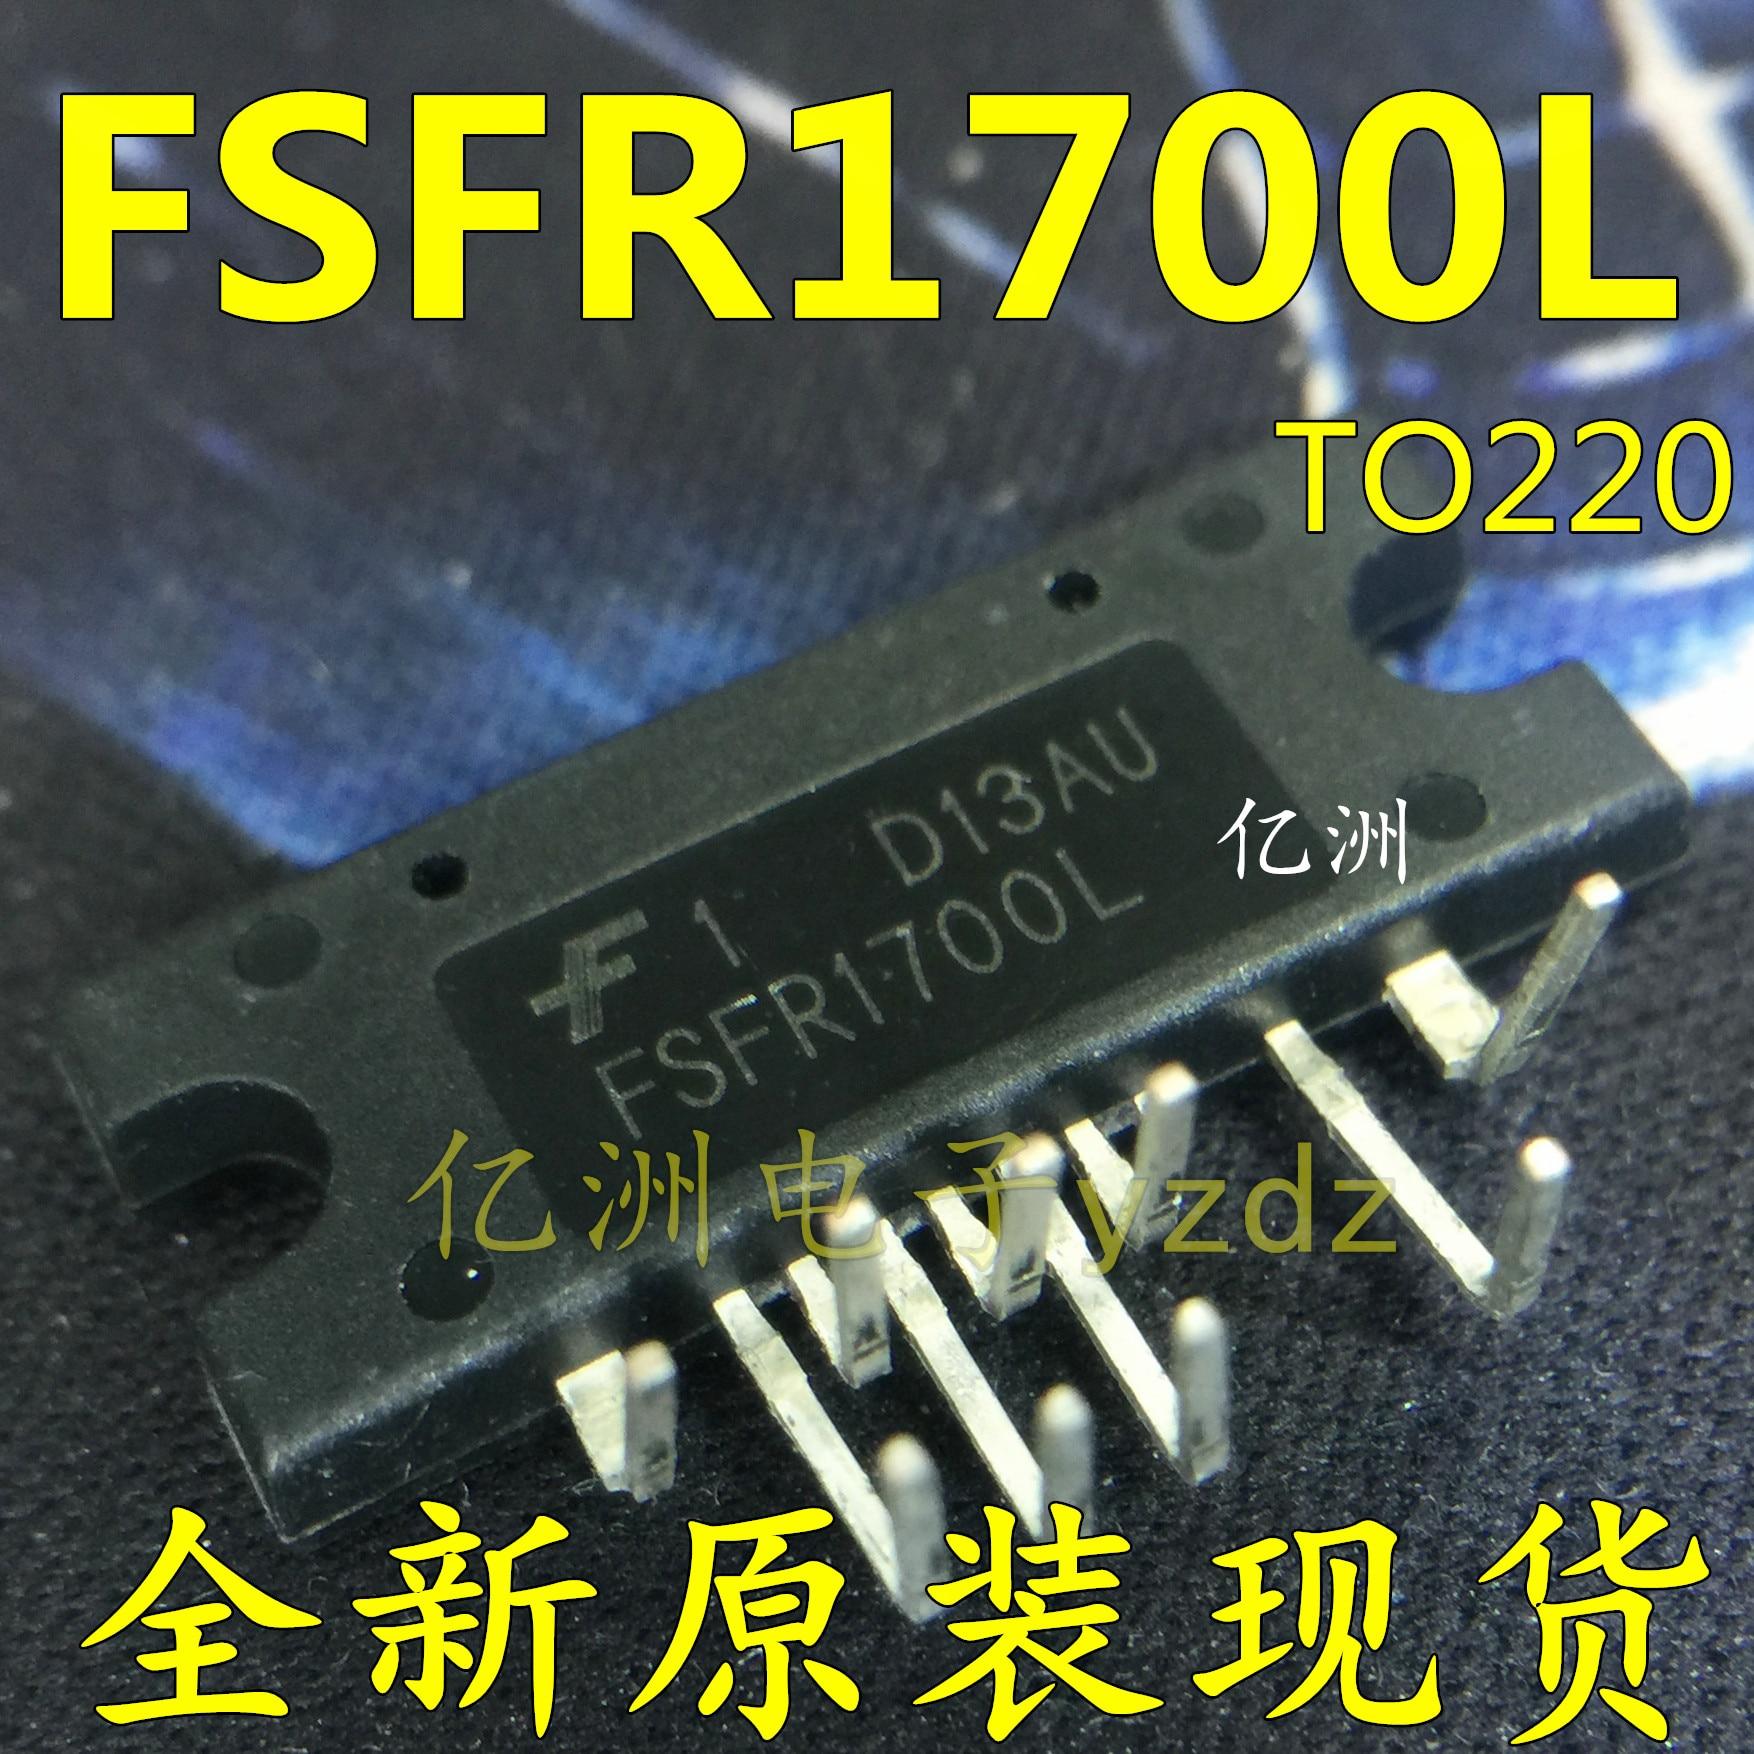 100% novo & original fsfr1700l em estoque